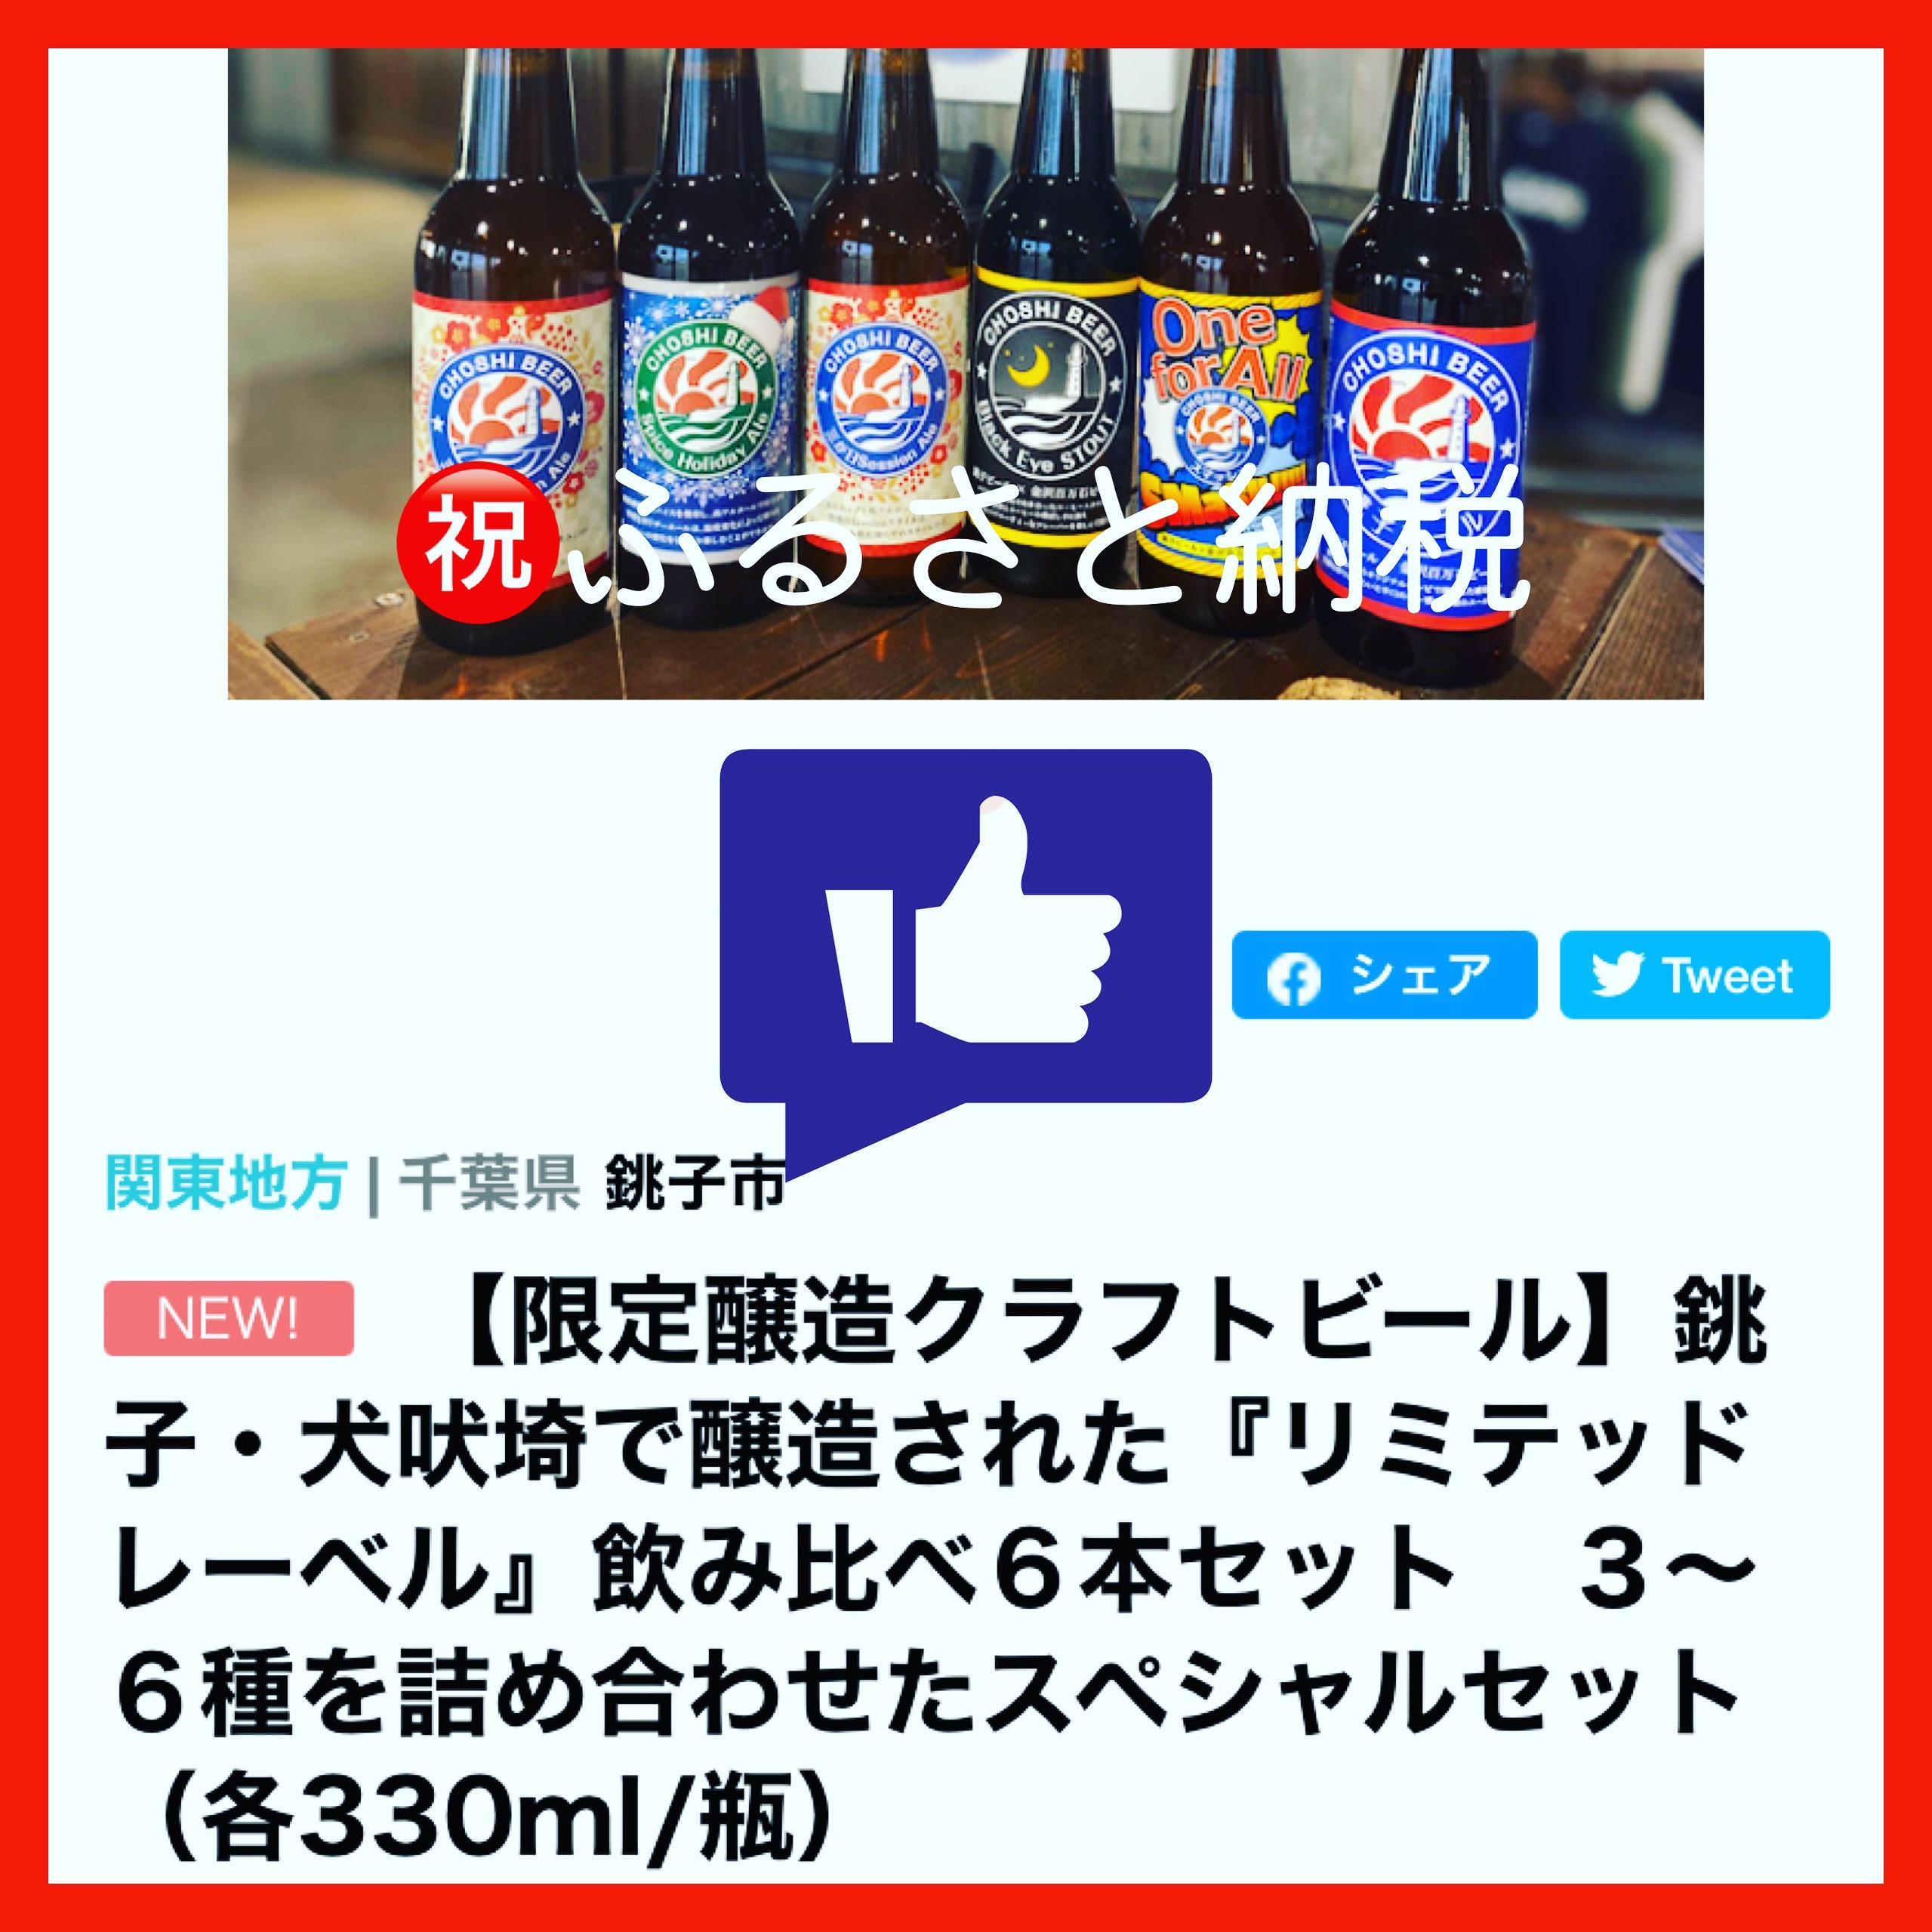 銚子市ふるさと納税に、銚子ビール犬吠醸造所で醸造されたリミテッドレーベルが新登場!